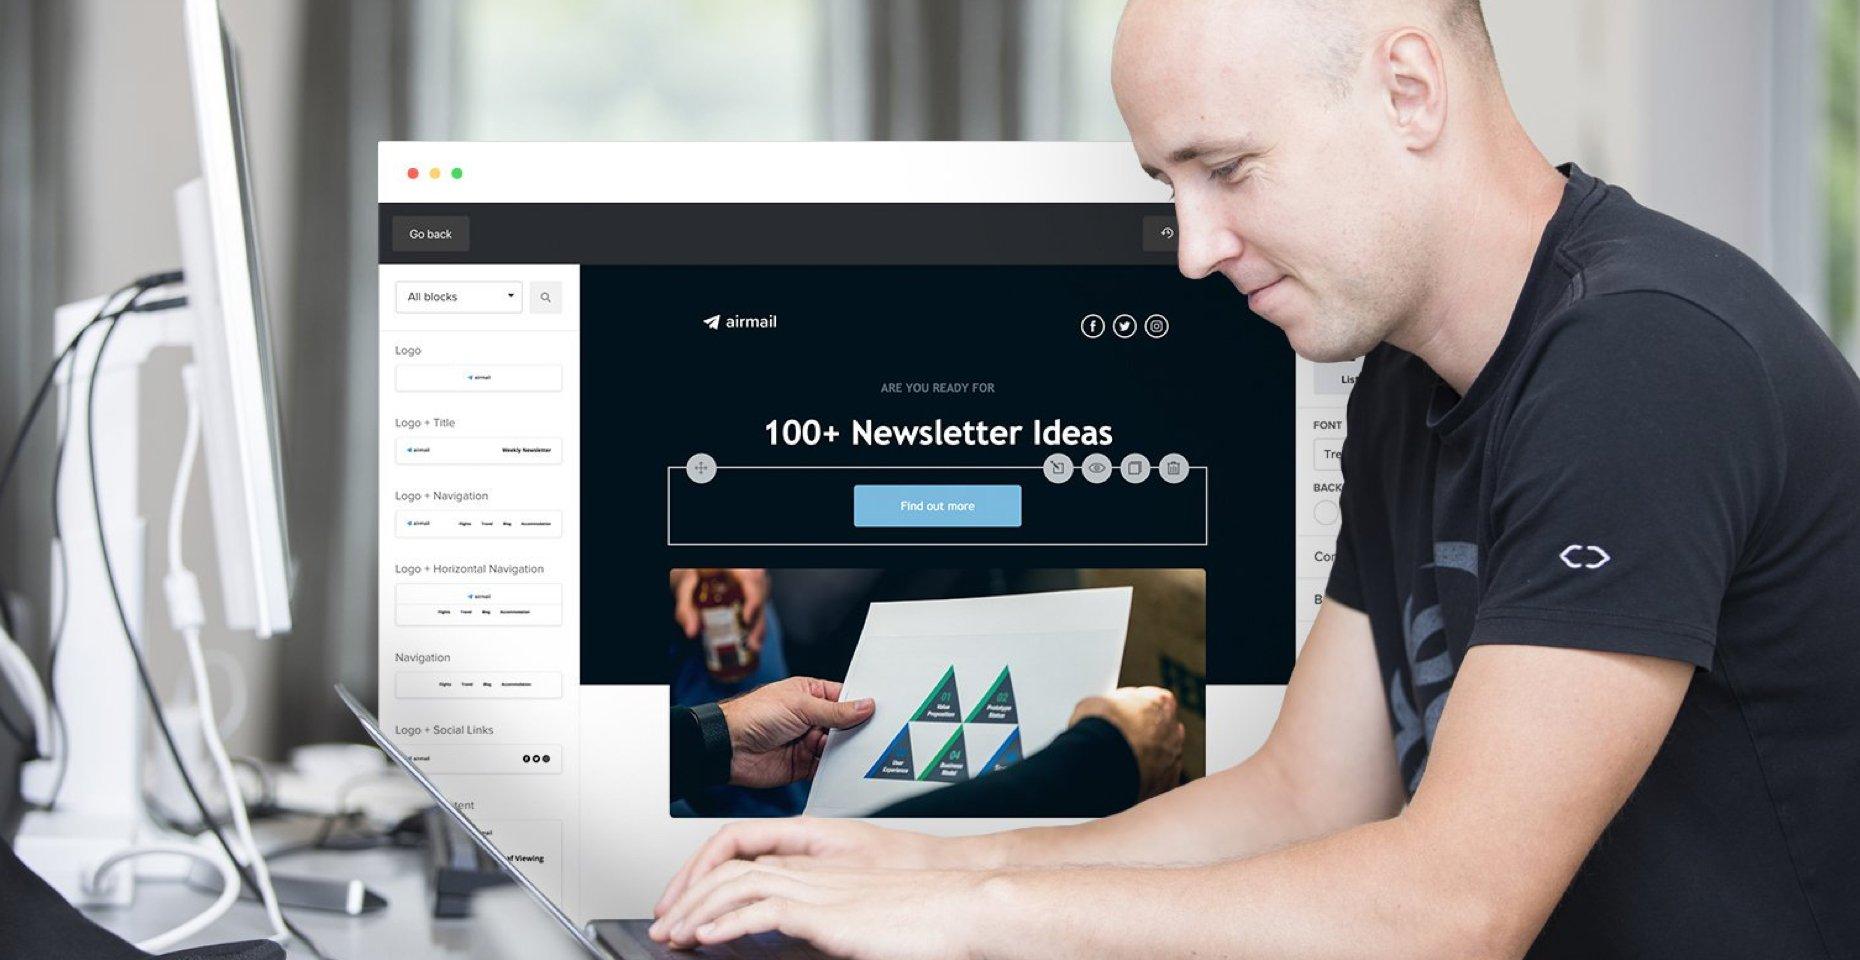 Más de 100 ideas de contenido de boletines para su próximo correo electrónico